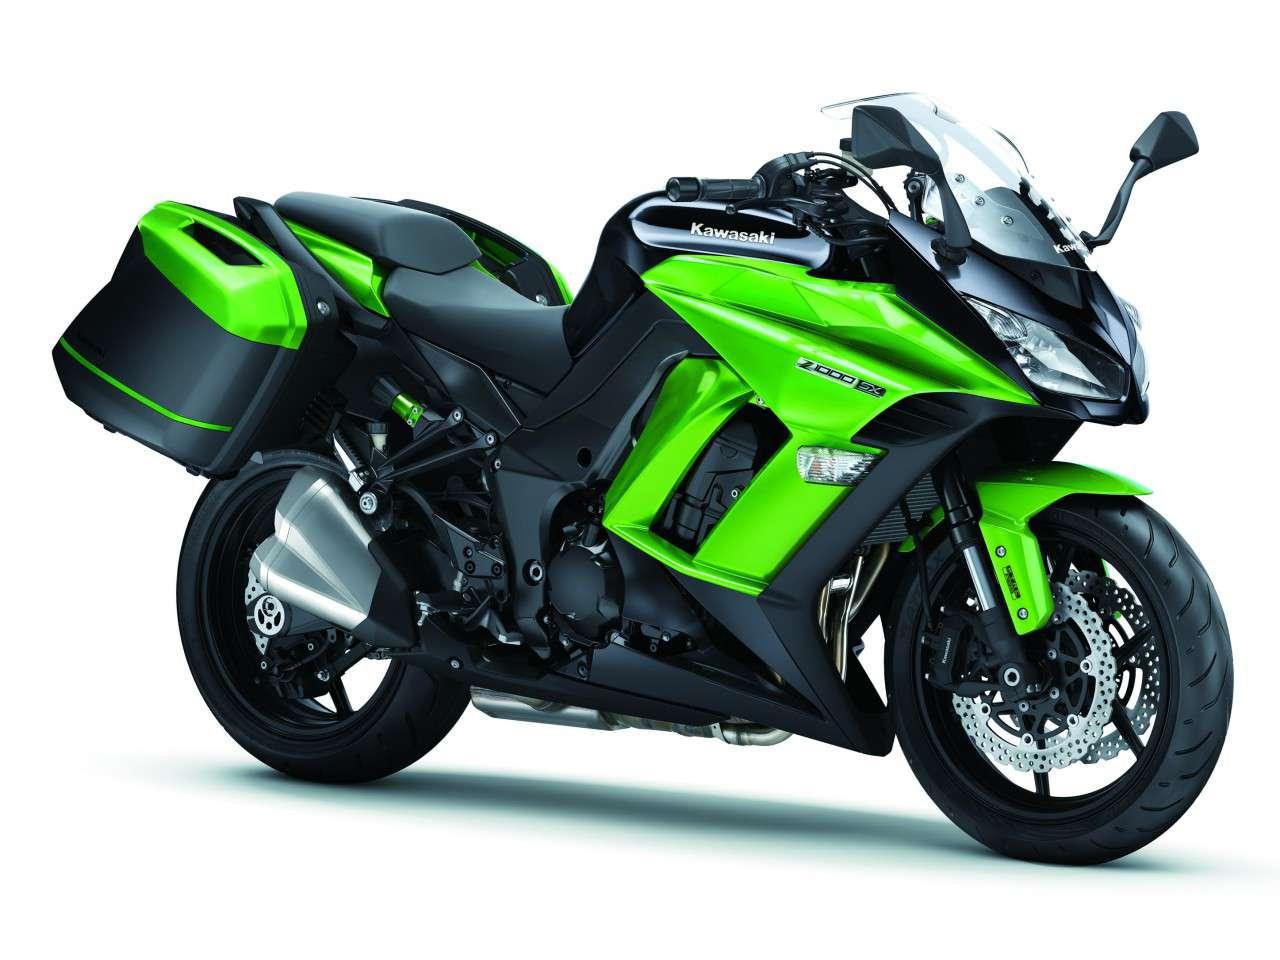 Les nouvelles couleurs de la Kawasaki Z1000 SX 2015